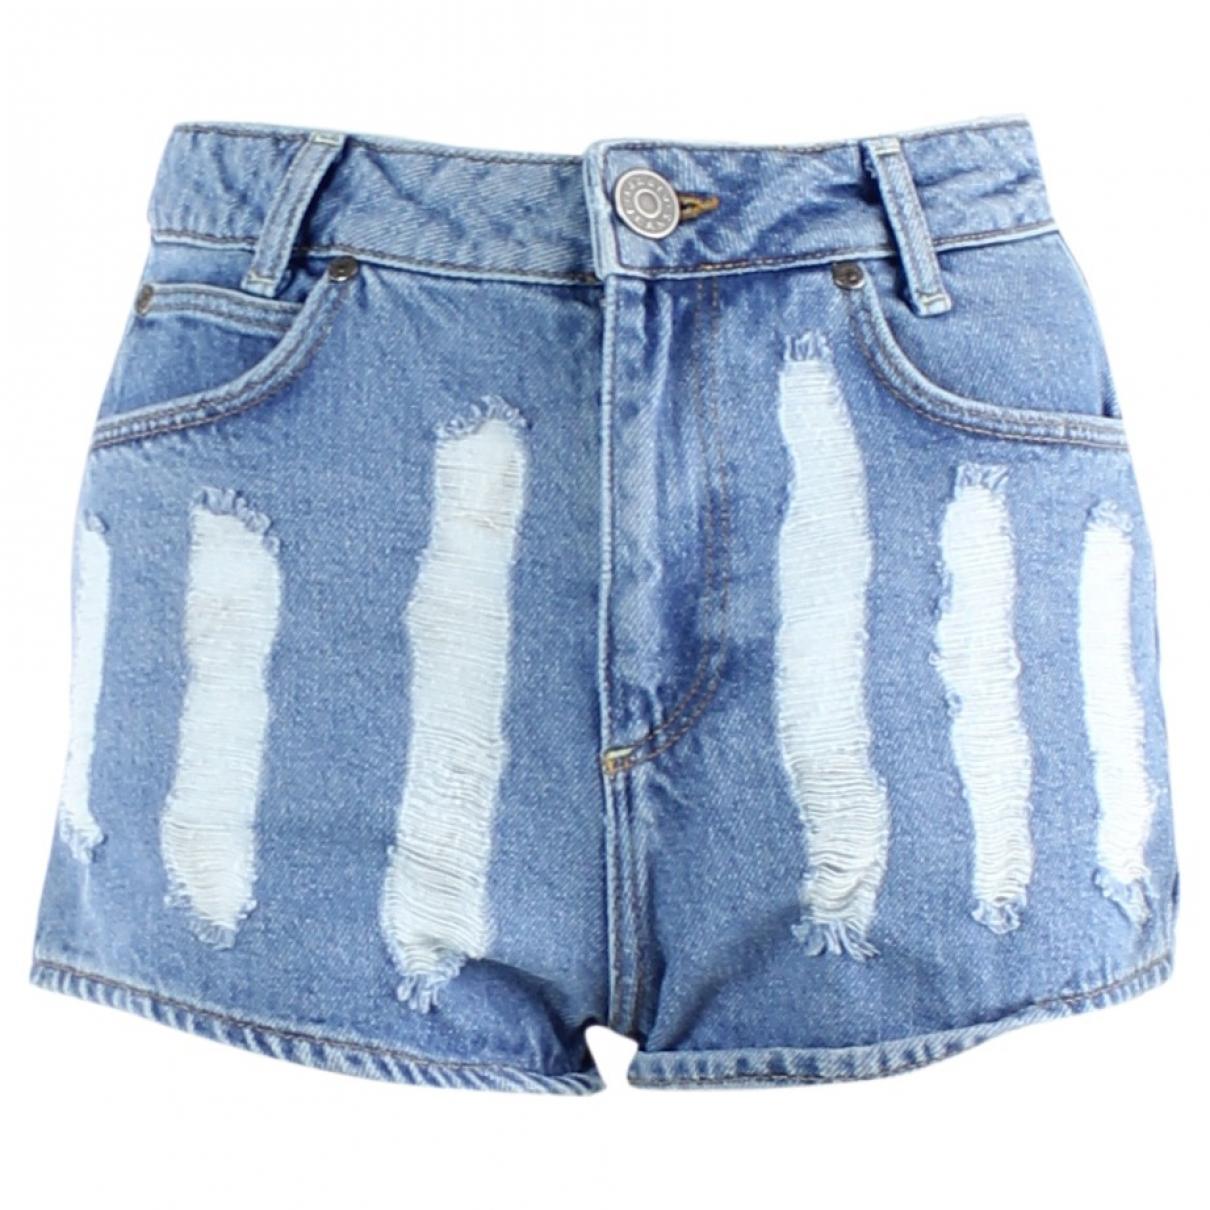 Sandro \N Shorts in  Blau Denim - Jeans